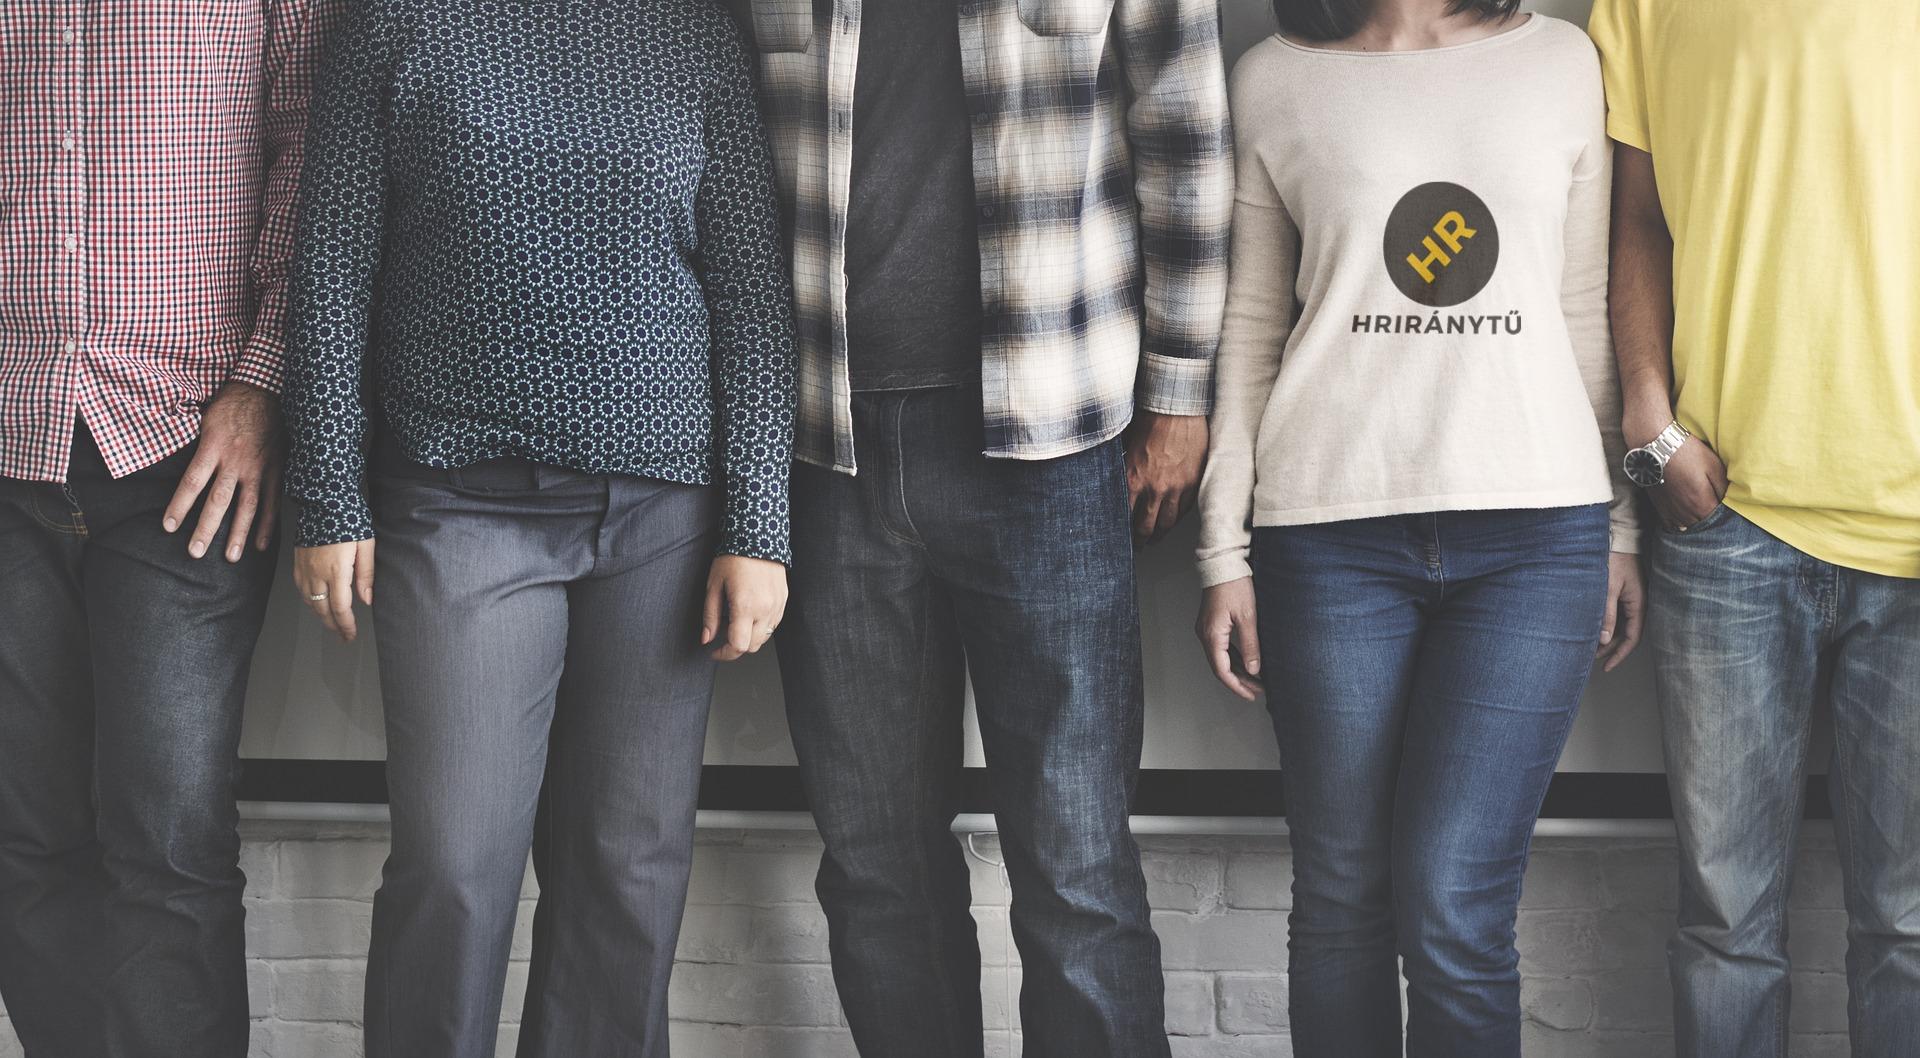 Hogyan alakíts ki jó vállalati kultúrát?